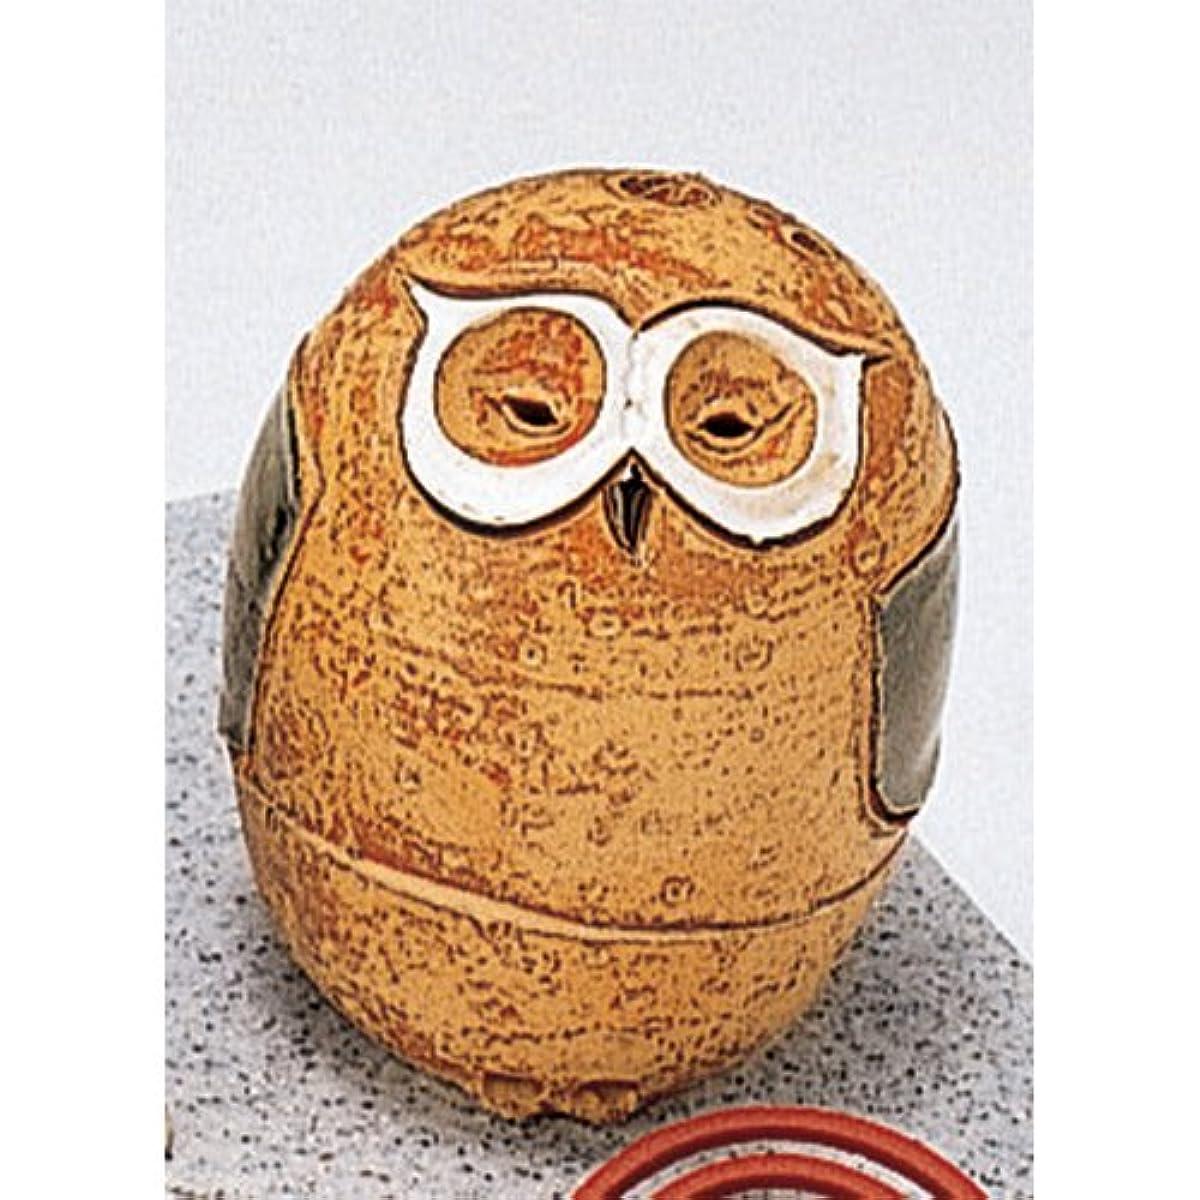 噴出する影響を受けやすいですなぜなら香炉 フクロウ 香炉(大) [R7xH9.3cm] HANDMADE プレゼント ギフト 和食器 かわいい インテリア